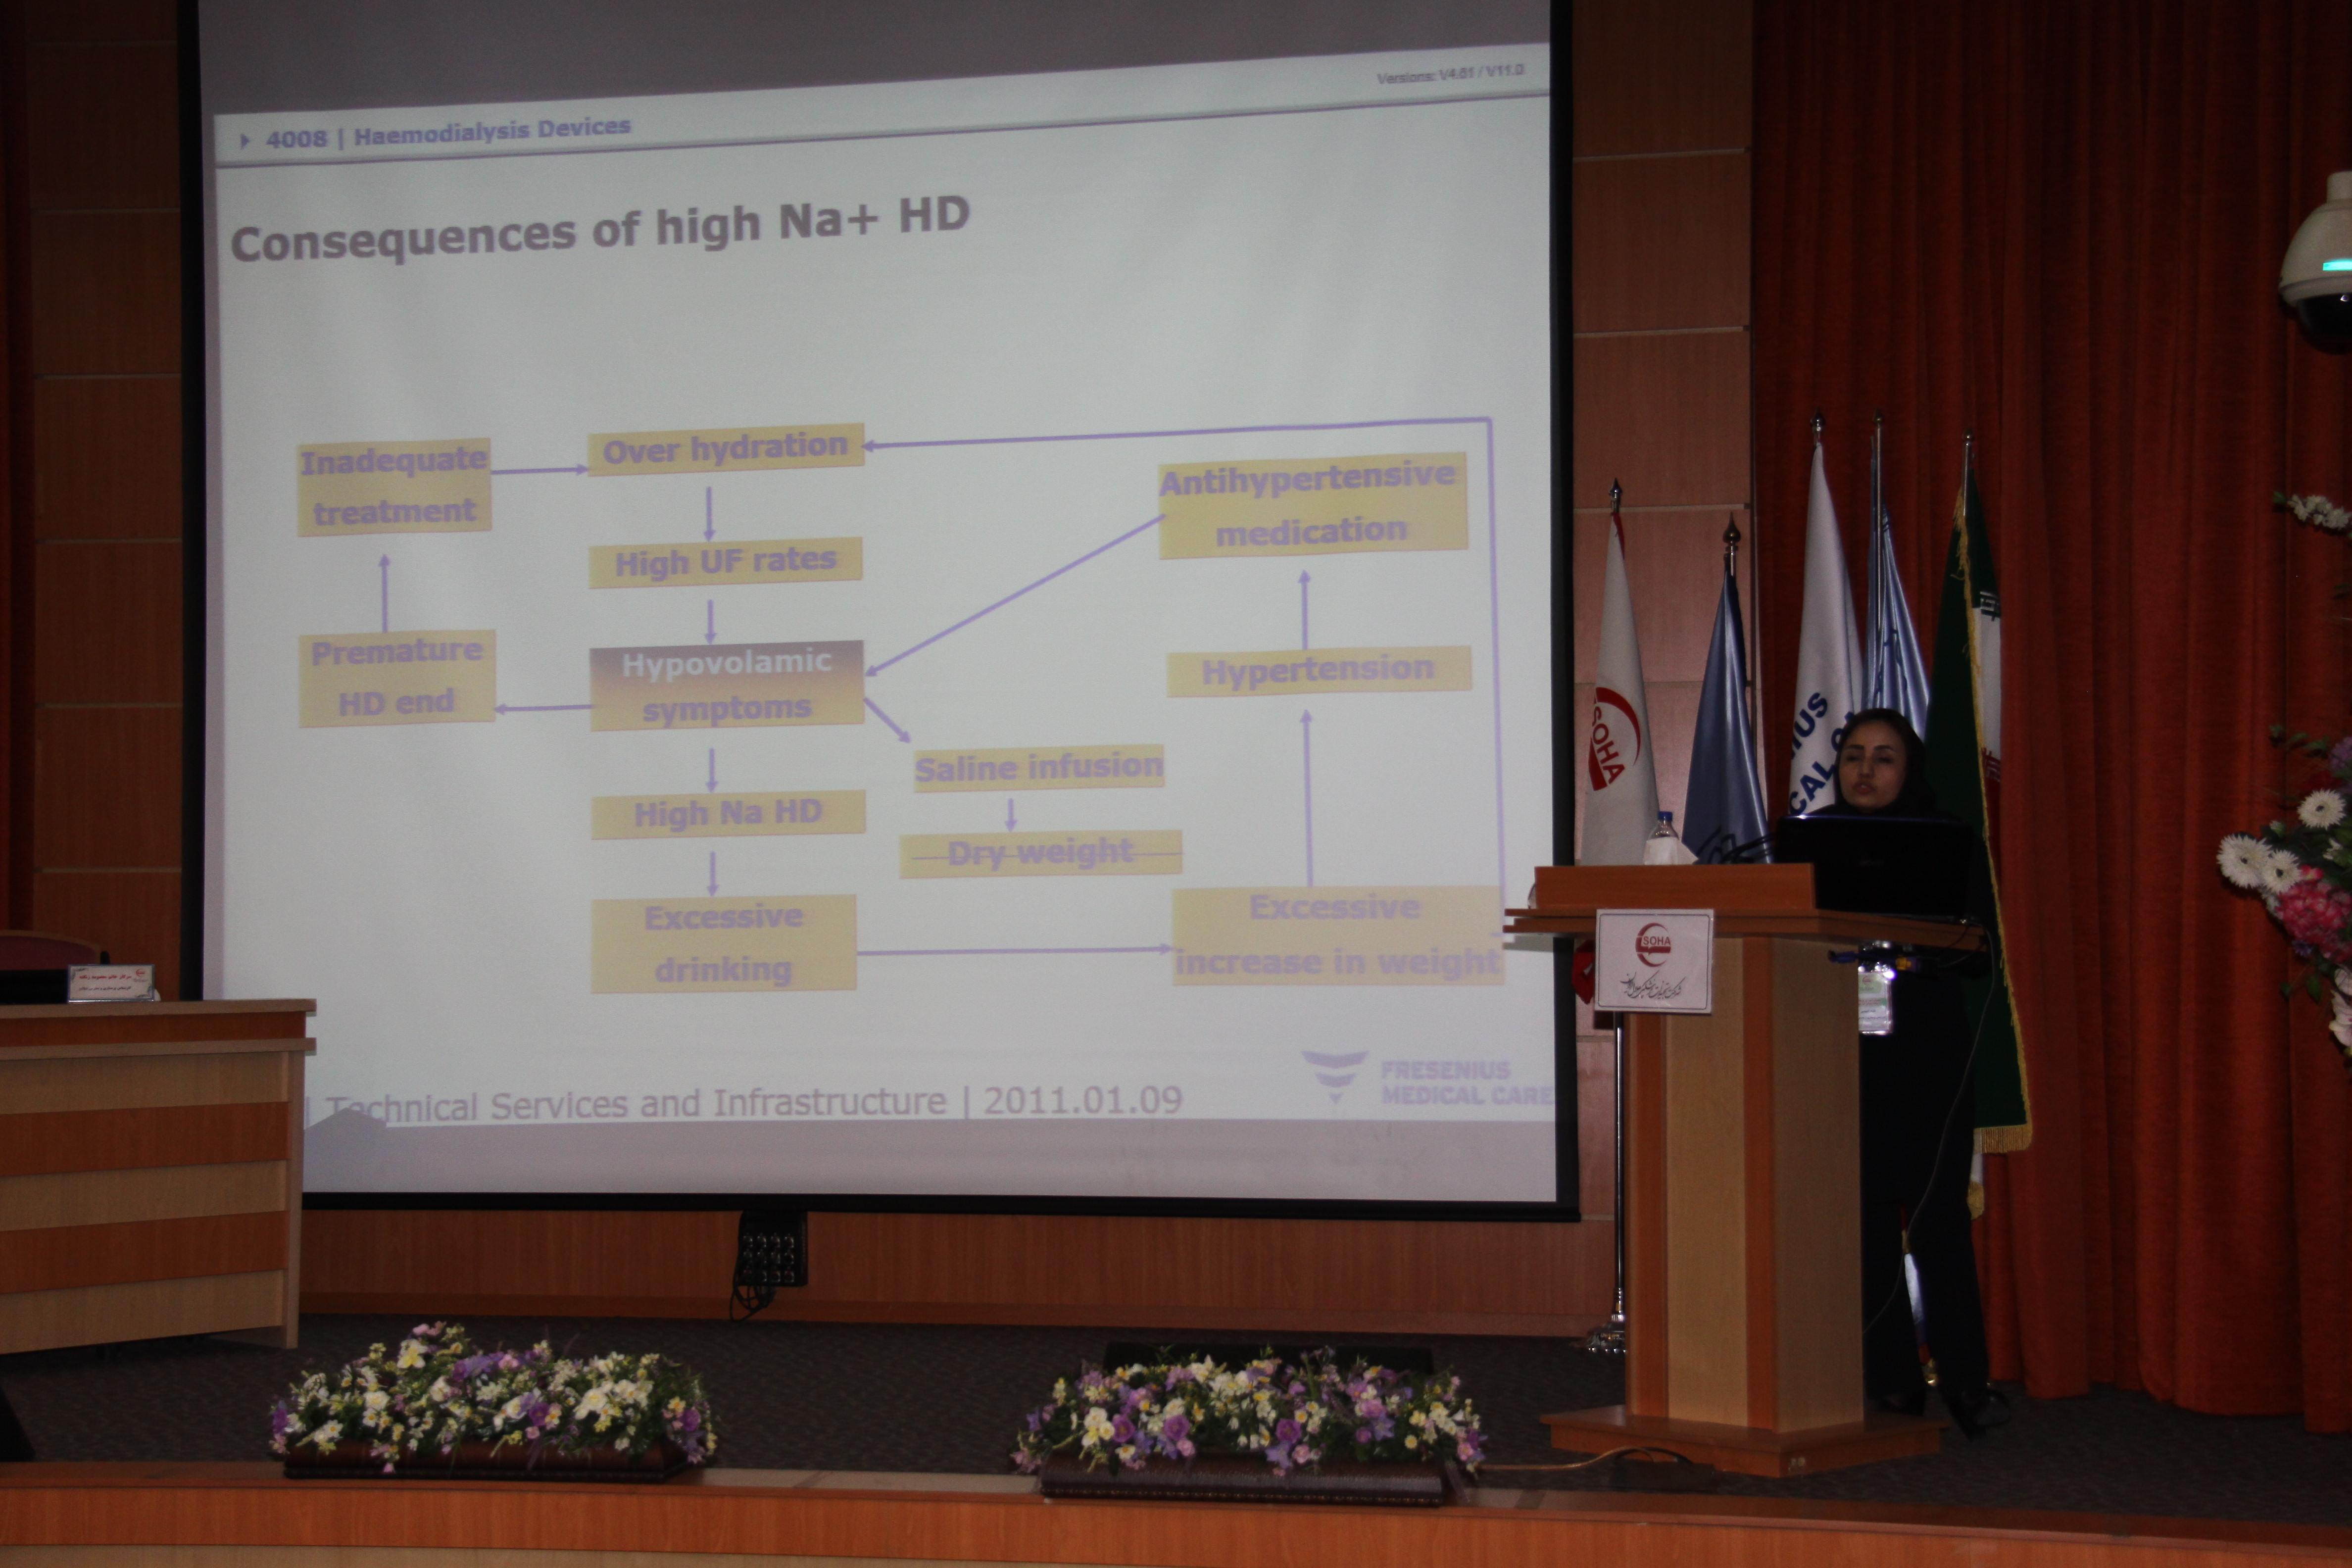 آموزش پرستاری دستگاه های دیالیز فرزنیوس 4008s classic و مباحث بالینی دیالیز 16